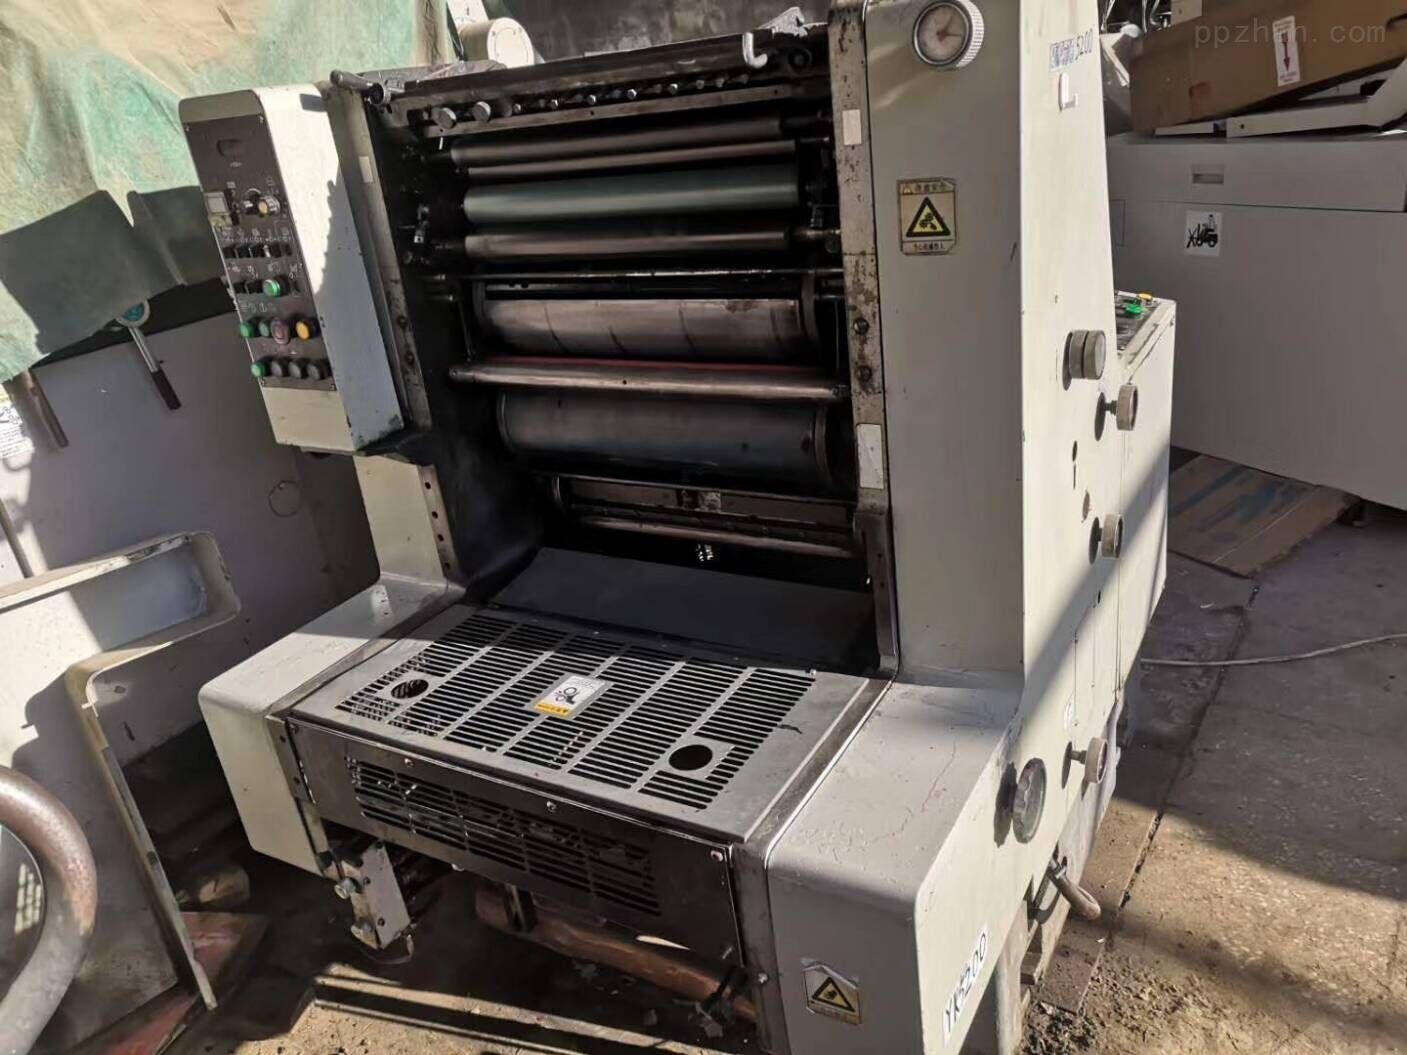 出售冠�A5200�紊�印刷�C  重型  �w�_